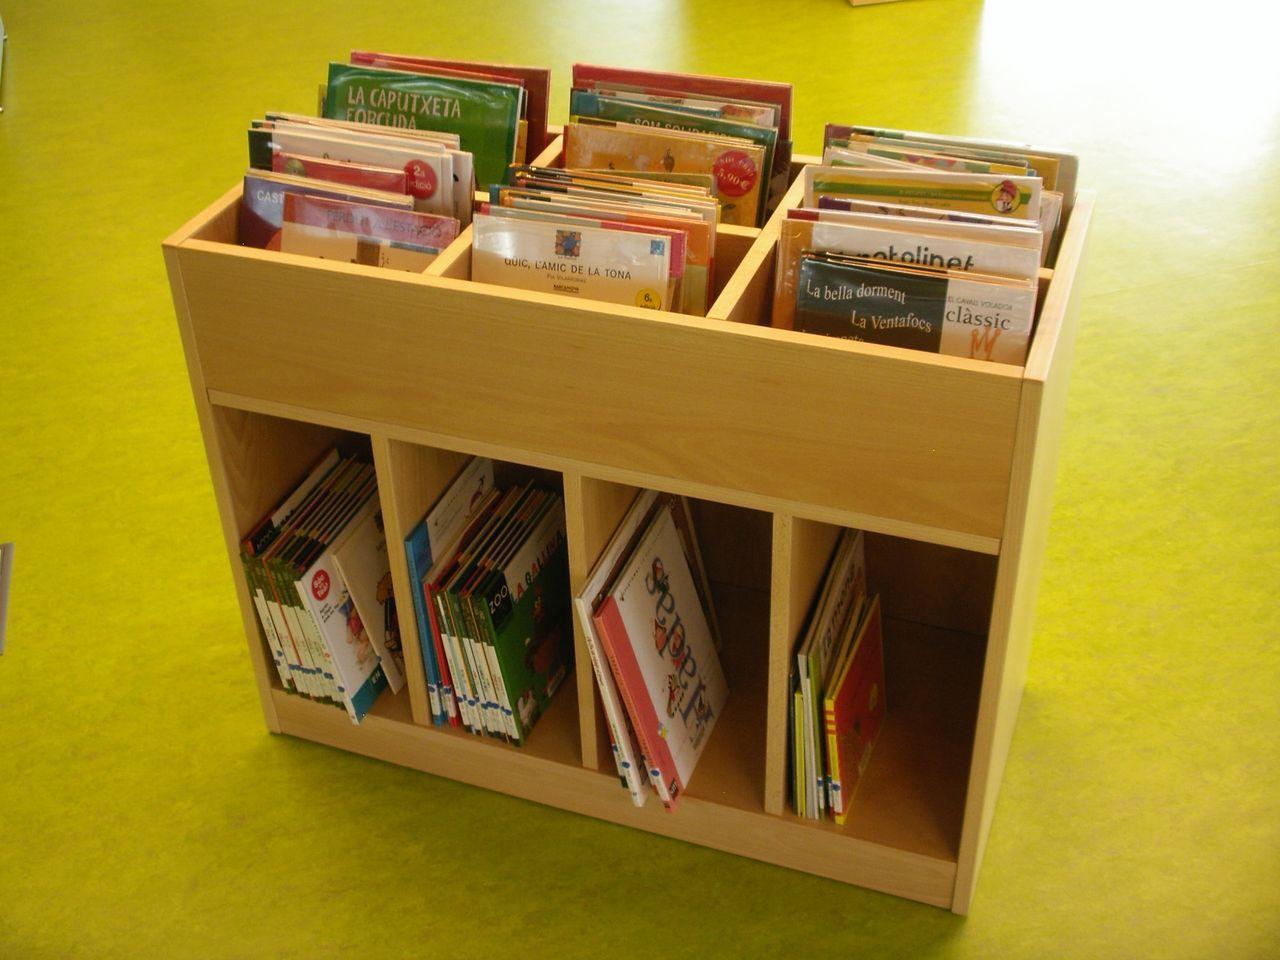 Biblioteca del Fondo – Santa Coloma de Gramanet (Barcelona)